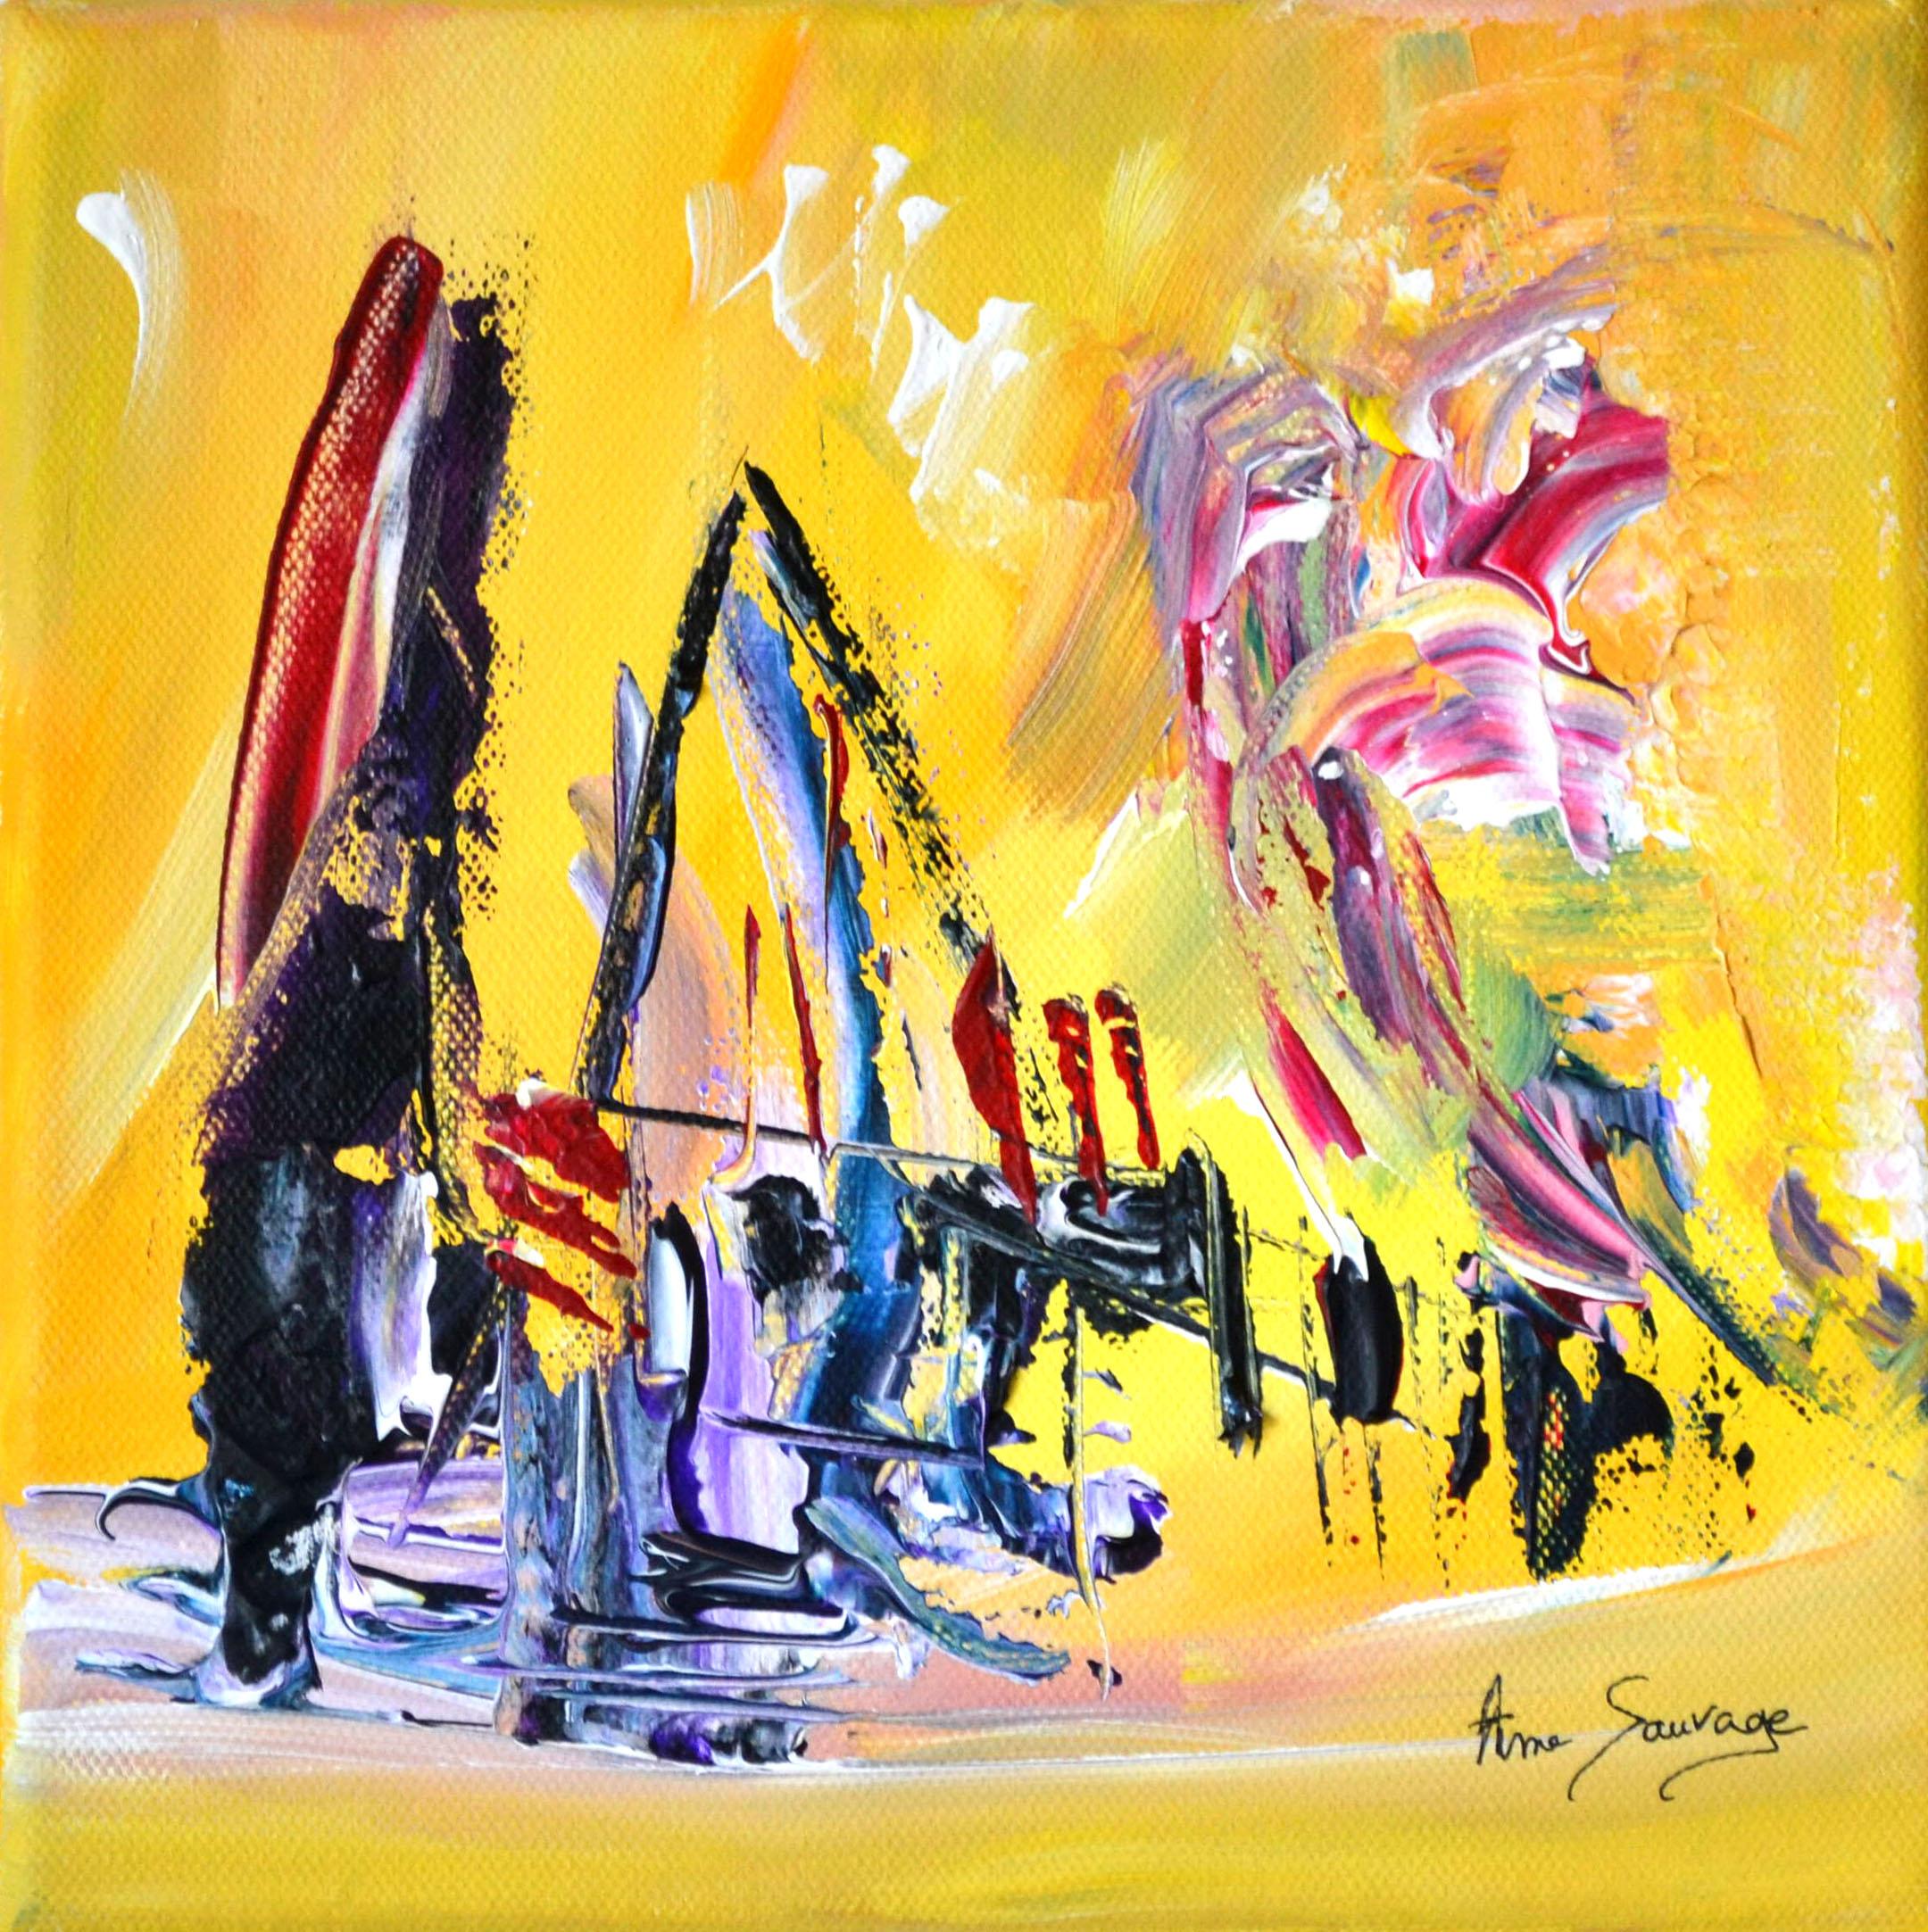 Peinture Abstraite Contemporaine Jaune Moderne